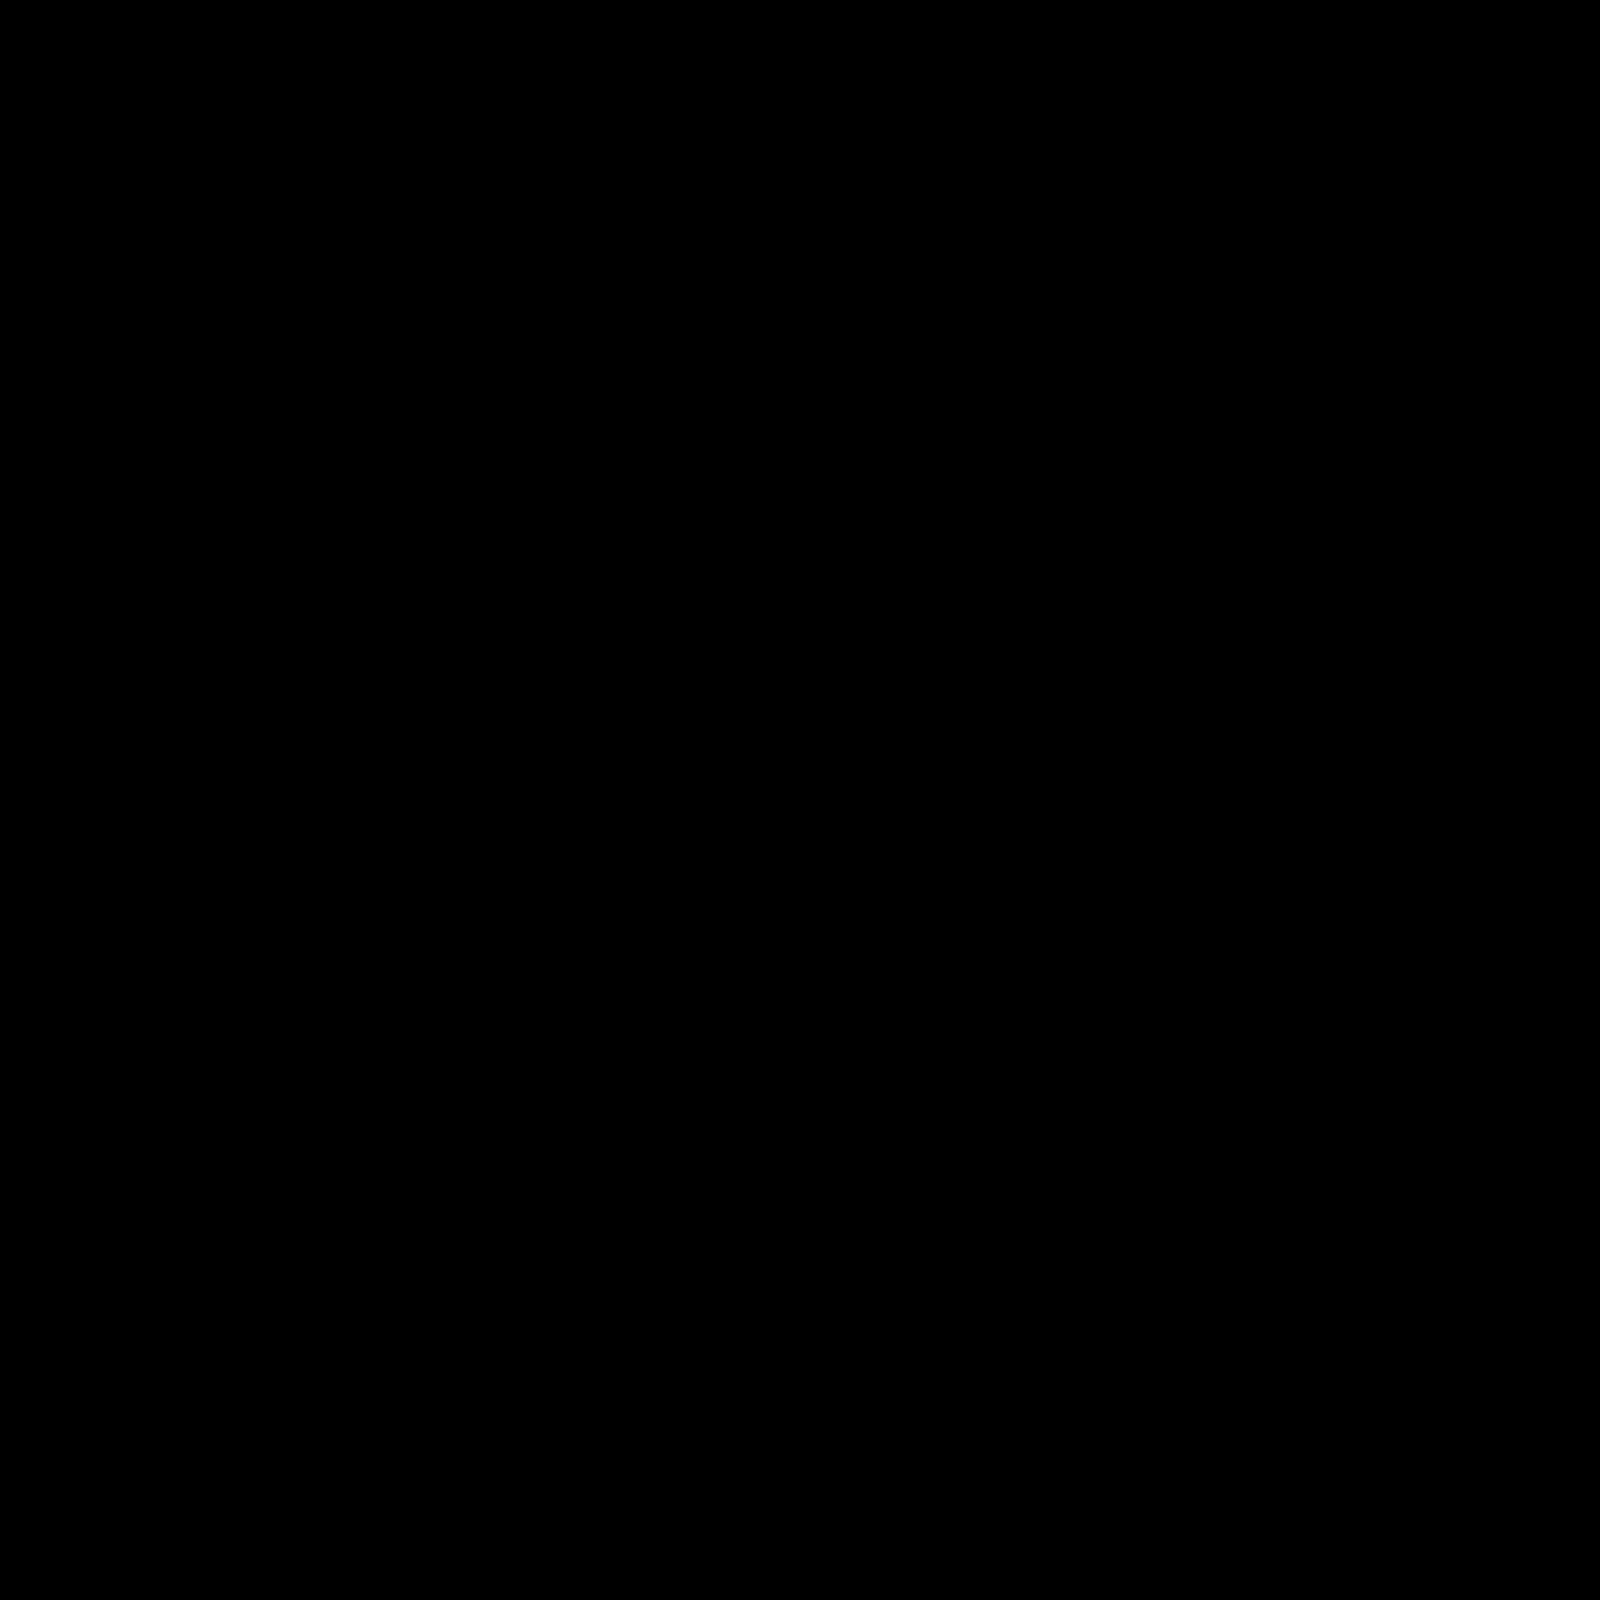 Sieć icon